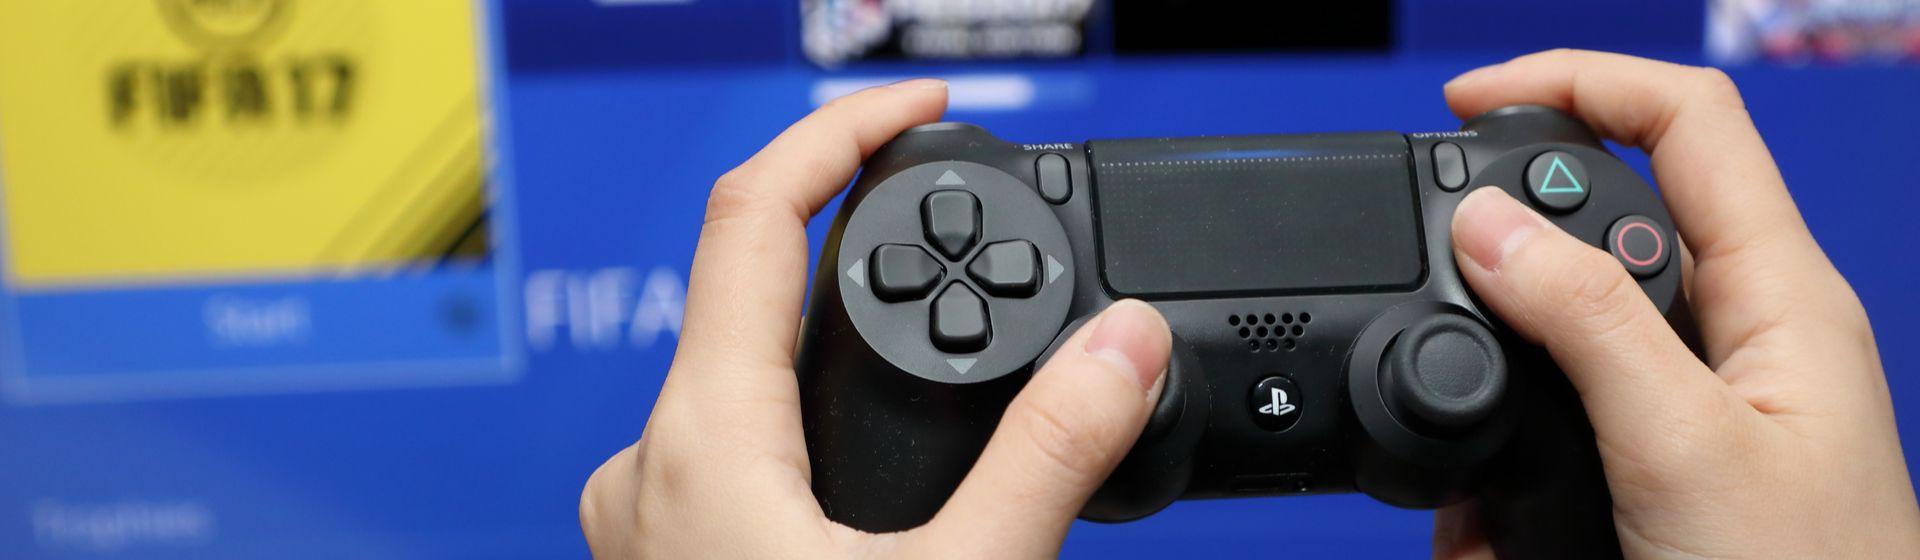 Jogos de PS4 e PS5 estão mais baratos na Black Friday; veja lista